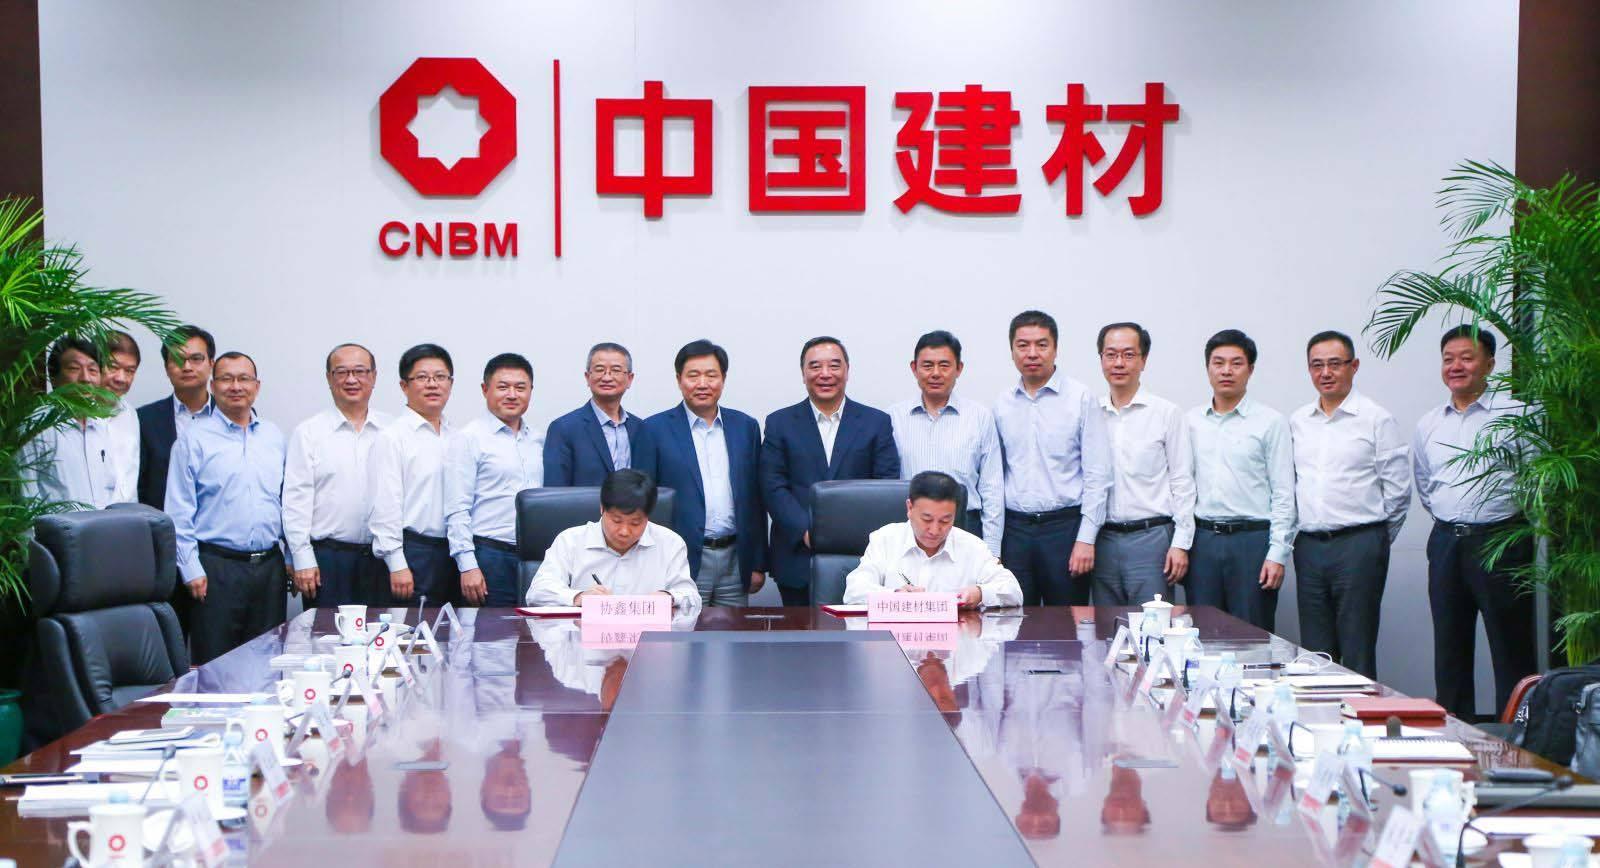 福建漳州市政府牵手中建材开展新beplay官方授权、新材料、新能源产业合作